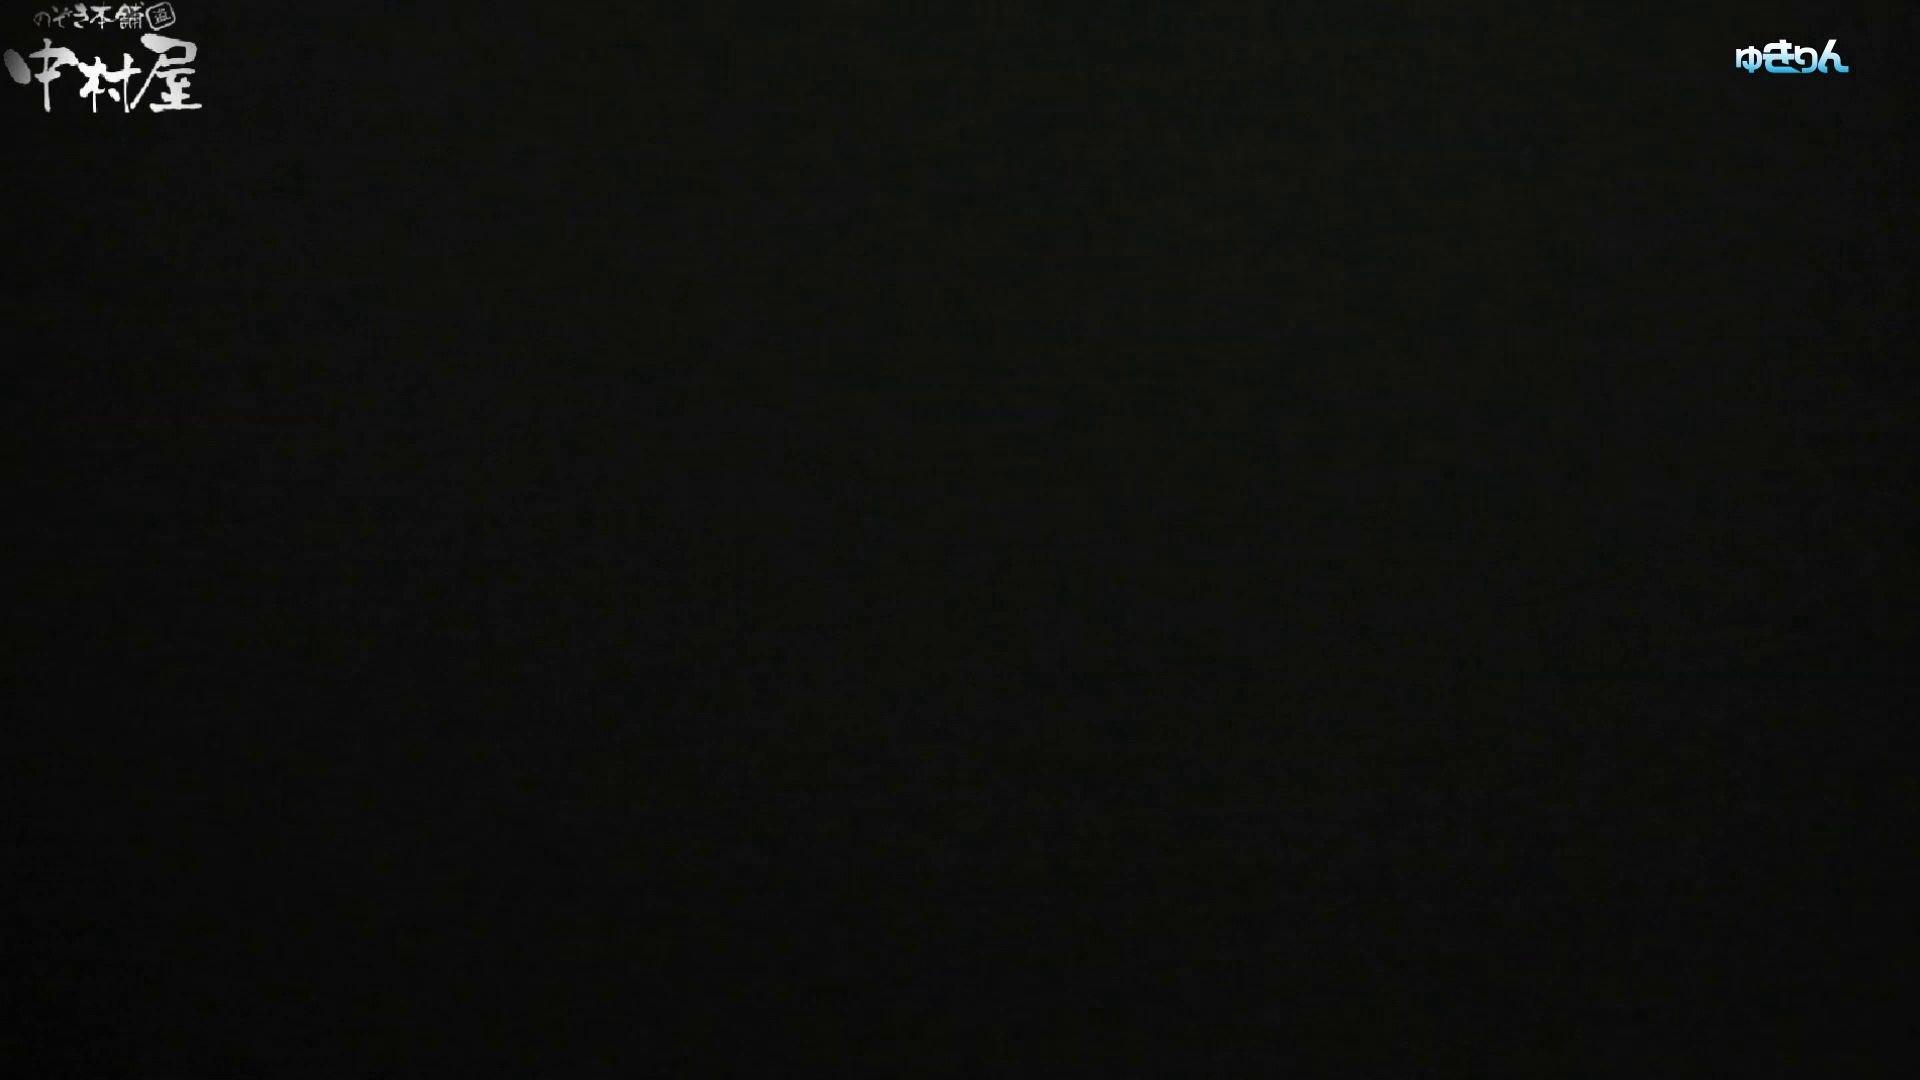 世界の射窓から~ステーション編 vol58 0.1%の確率!!吸い付こまれるプレミアム聖地 0  73連発 26